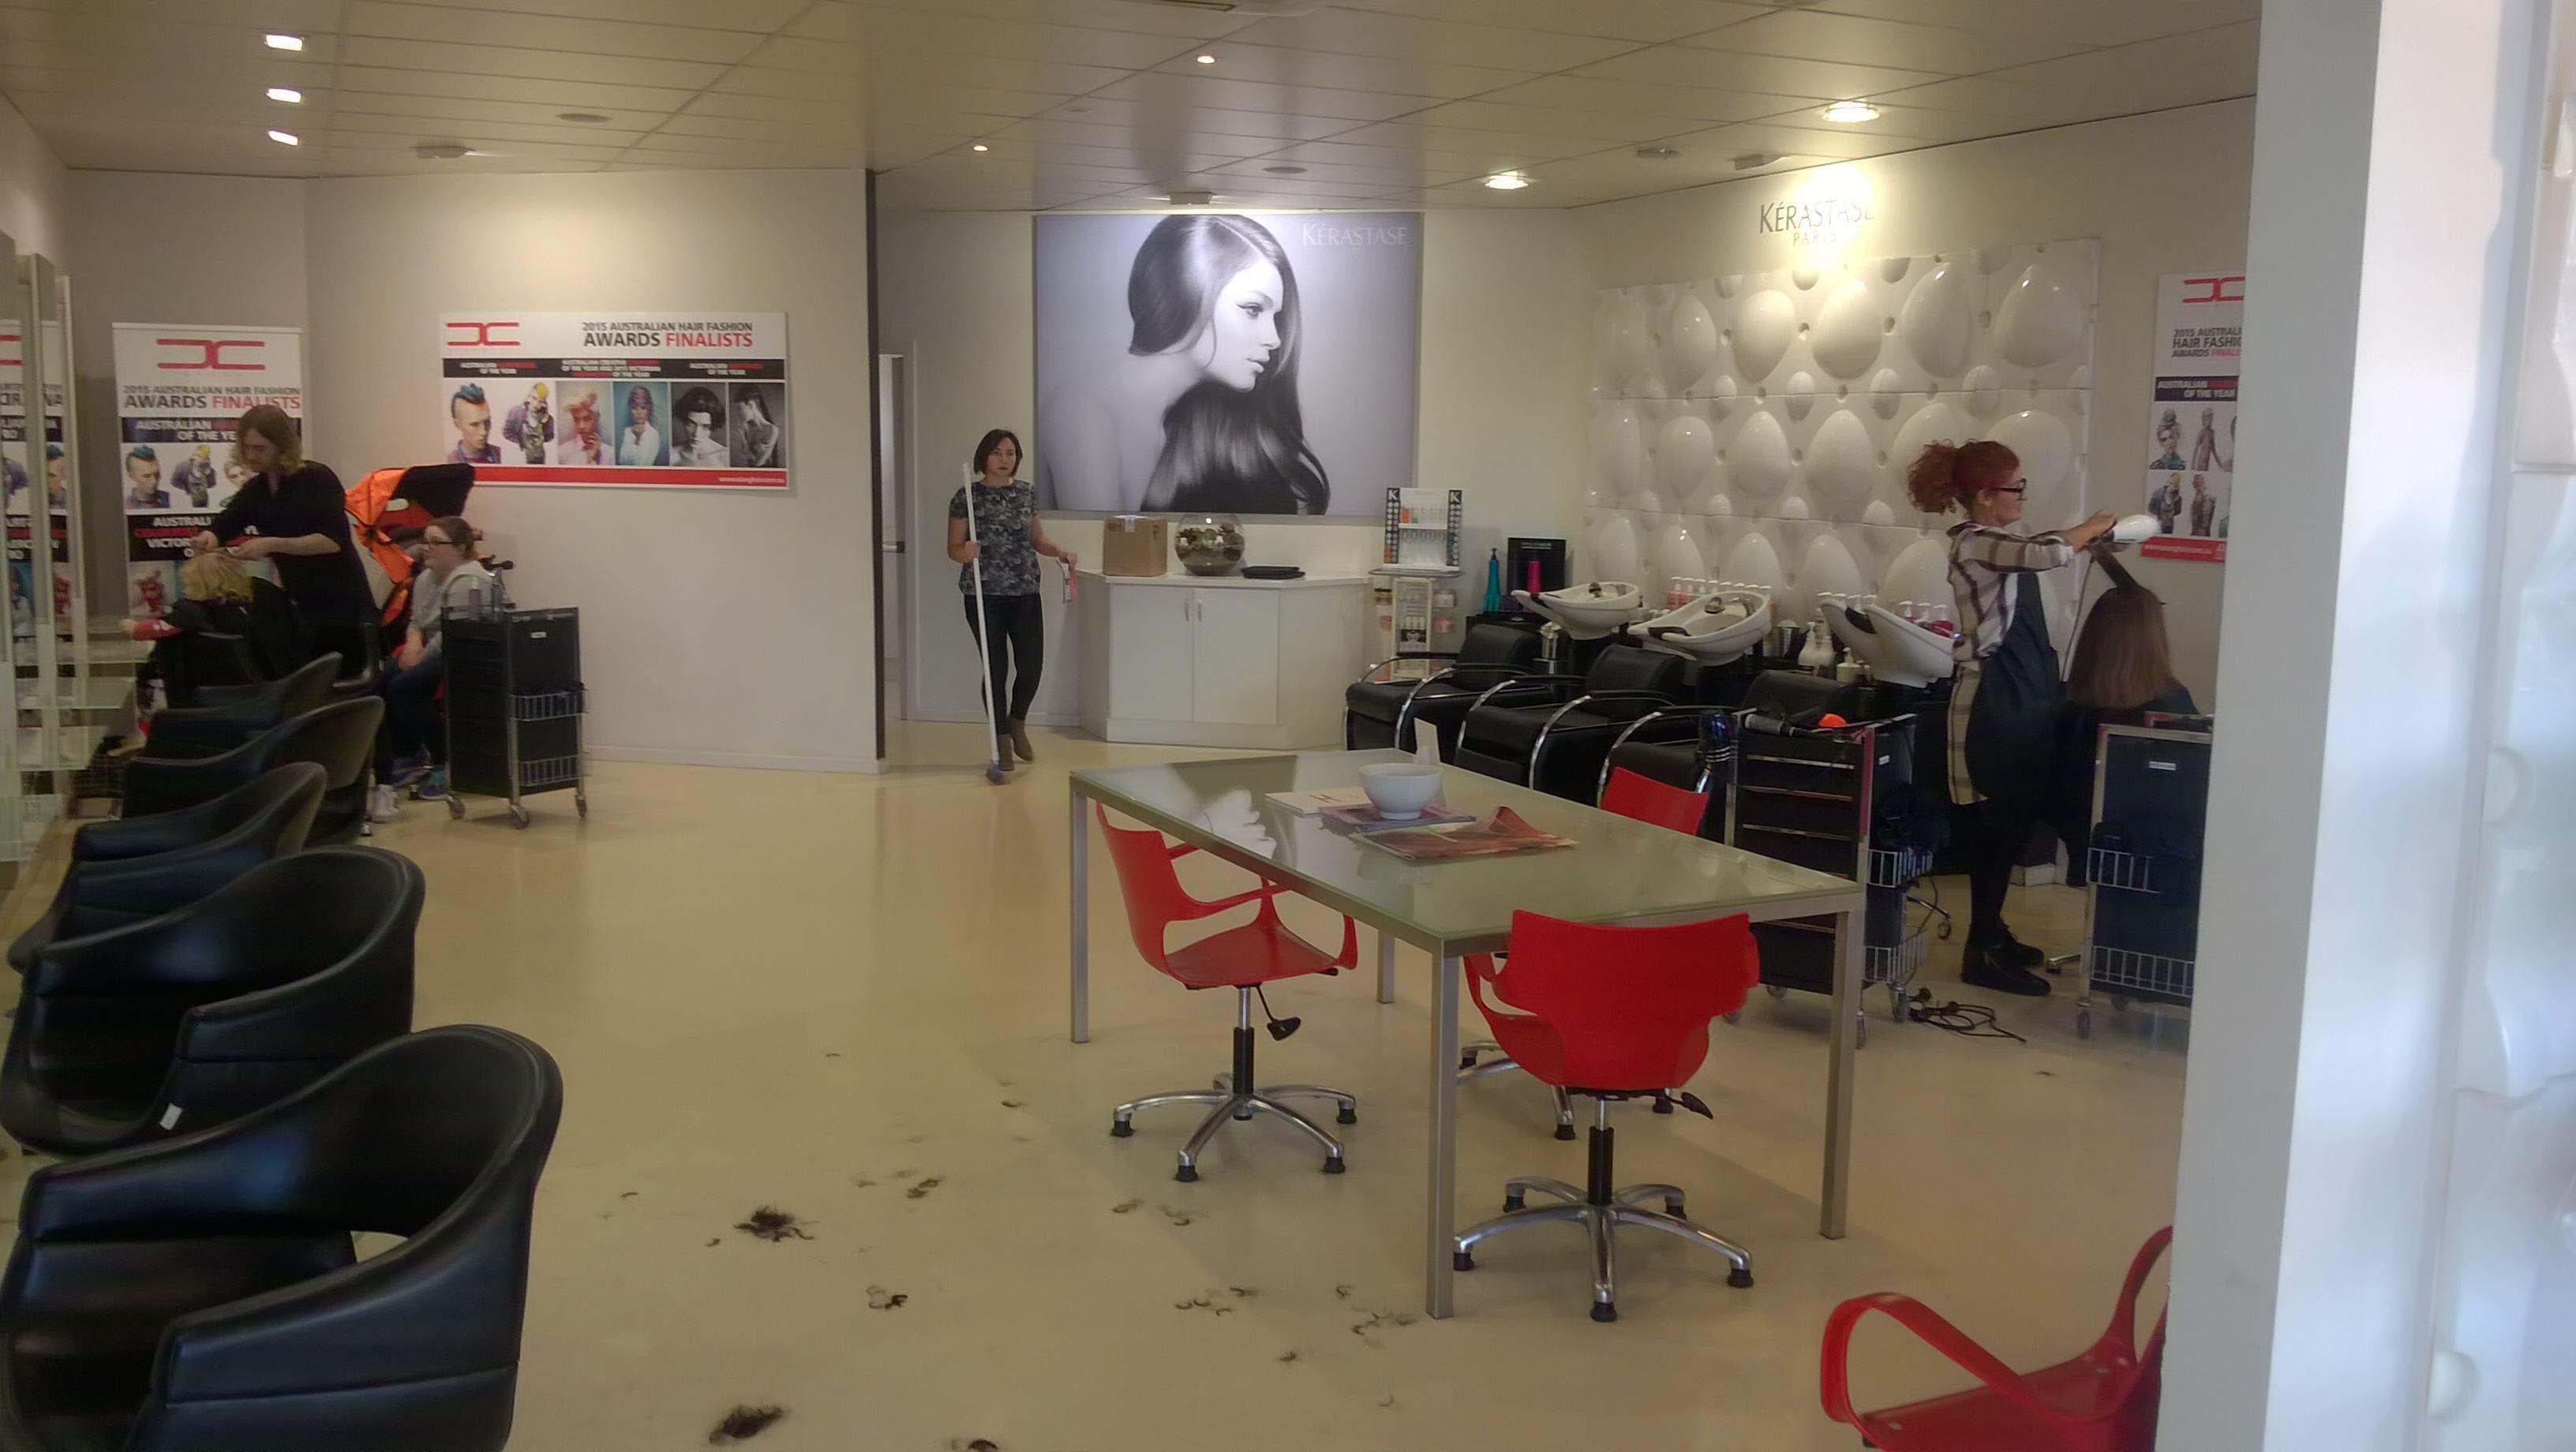 10159 - Sở hữu mái tóc ưng ý với 10 salon đẳng cấp thế giới tại Melbourne